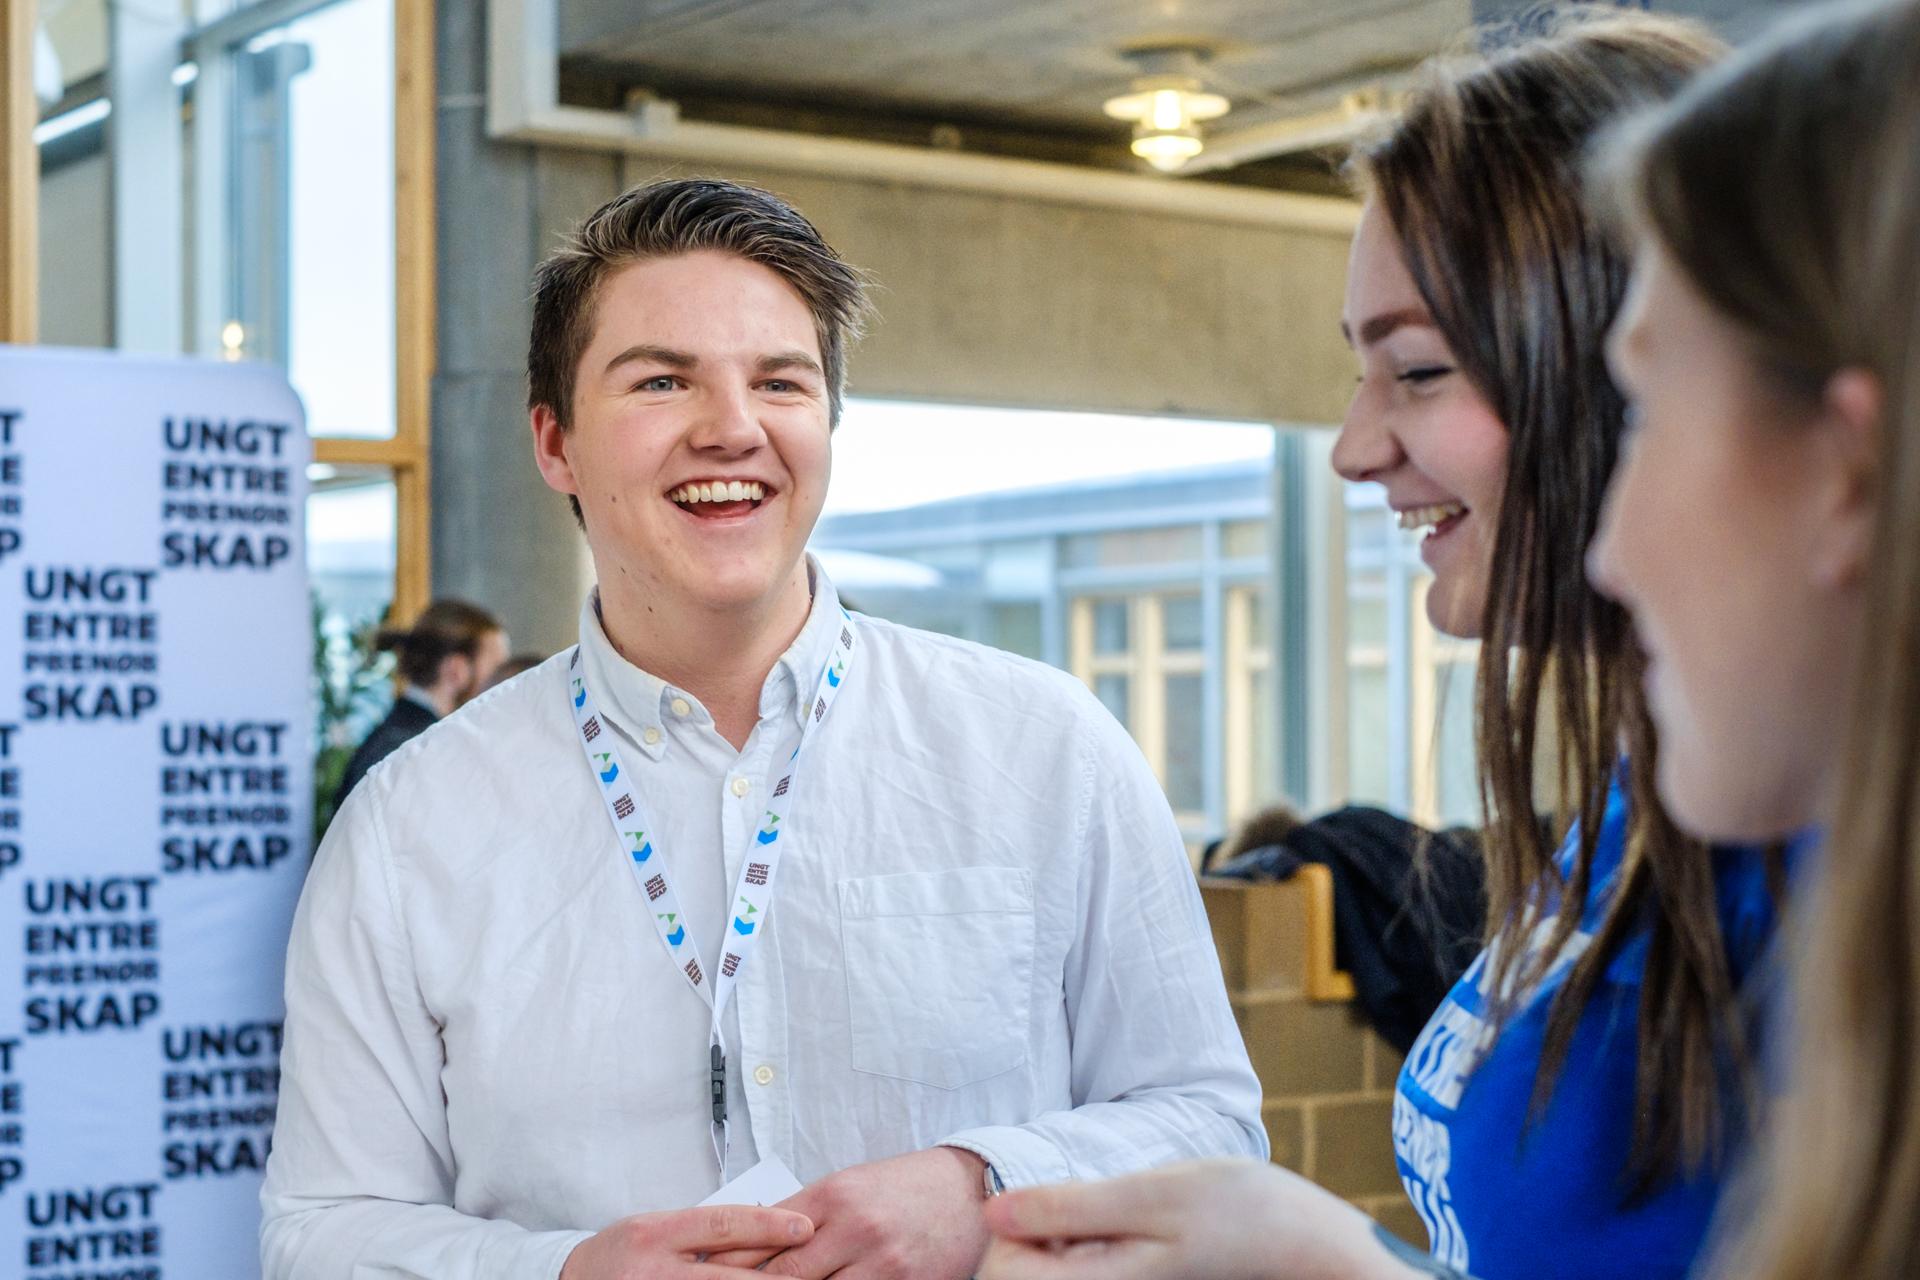 Fylkesmessa 2017 - Ungt Entreprenørskap - Caroline Strømhylden17.jpg